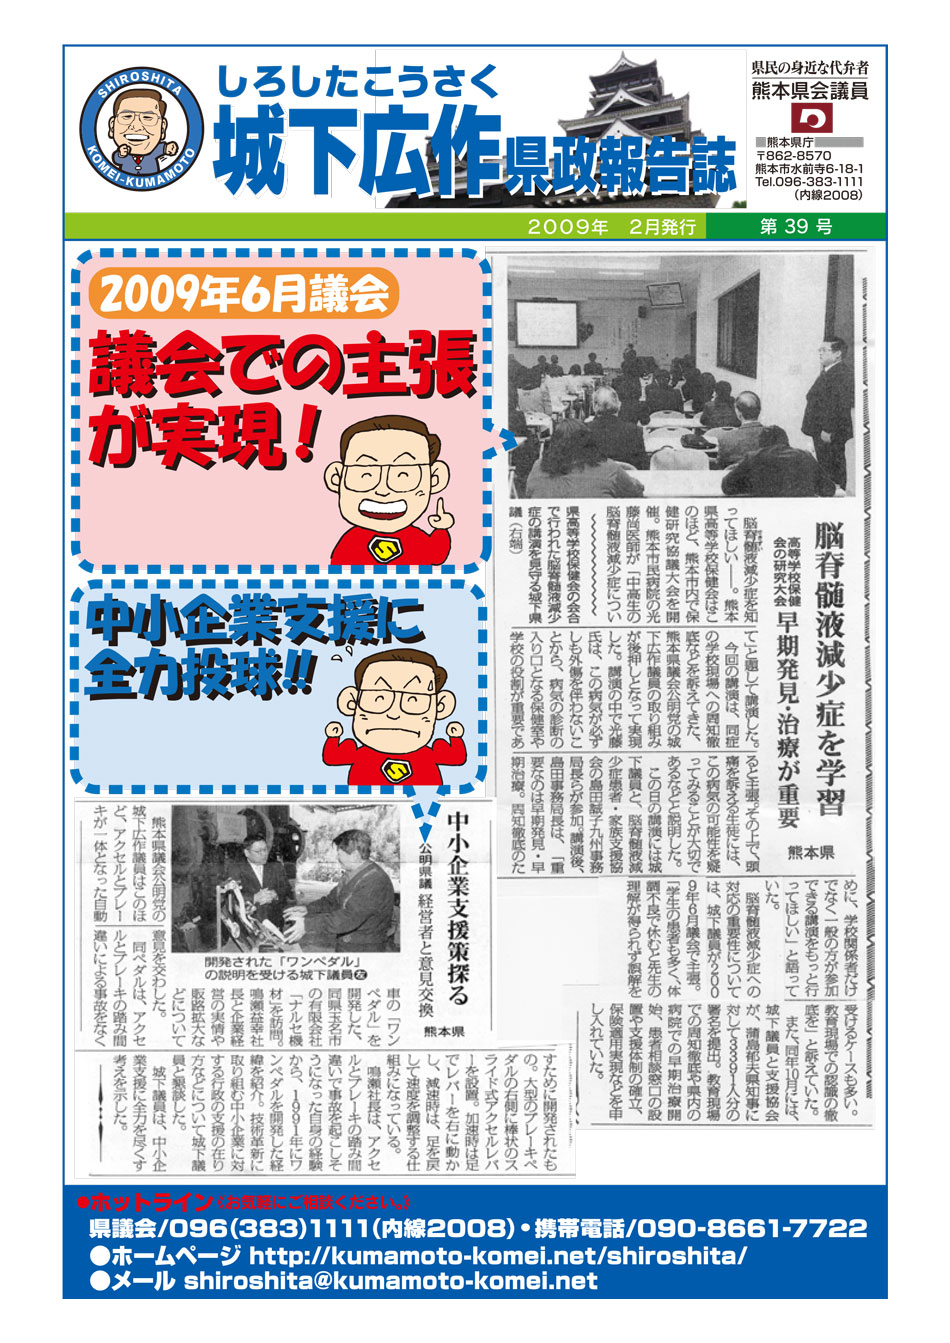 城下広作県政報告誌第39号